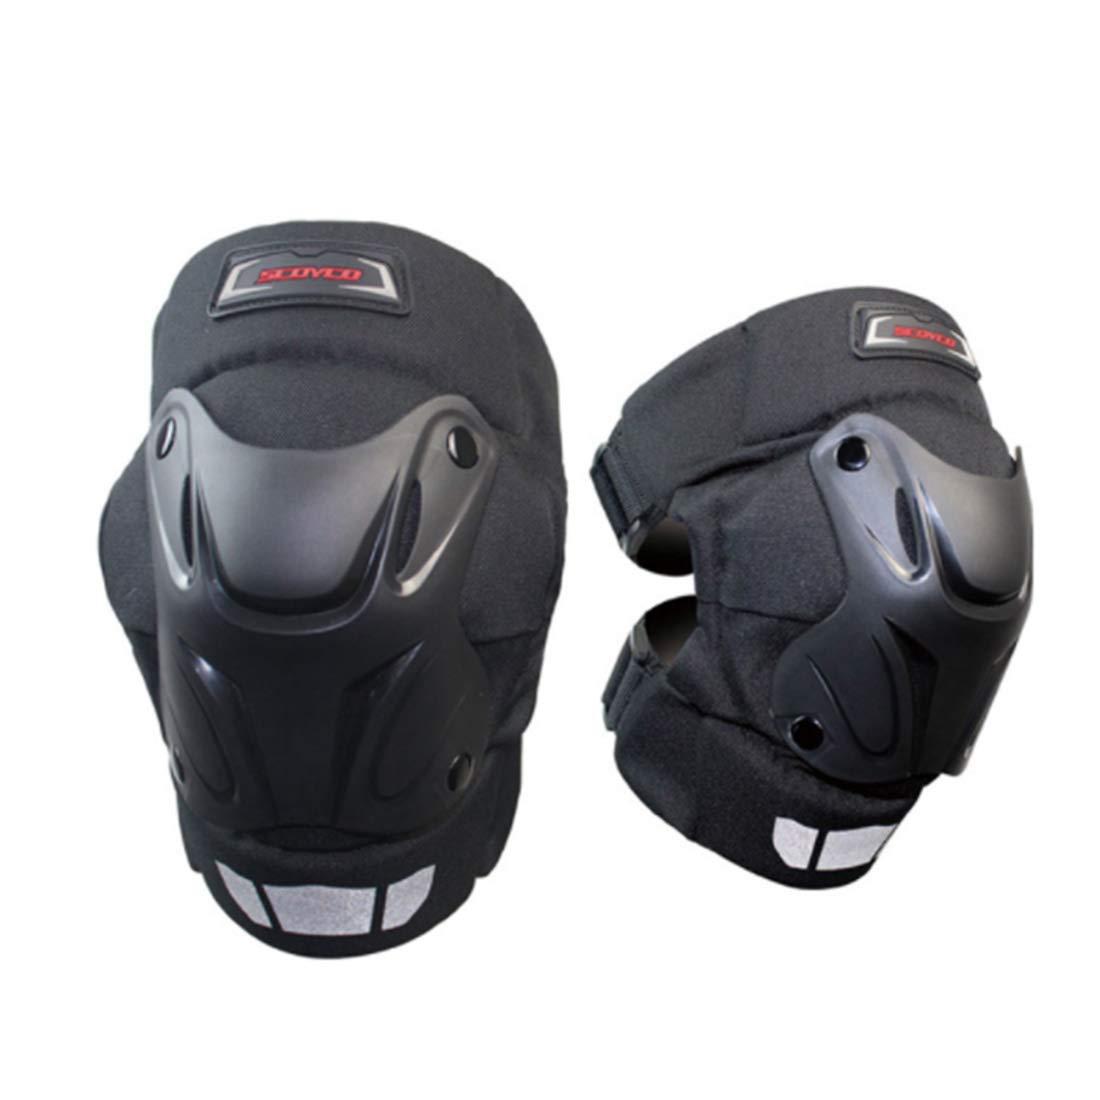 Cvthfyk Motorrad Knieschützer Erwachsene Atmungsaktiv Einstellbar Aramidfaser Motocross MTB Schienbeinschoner für Reiten Radfahren Skaten (Farbe : Schwarz)